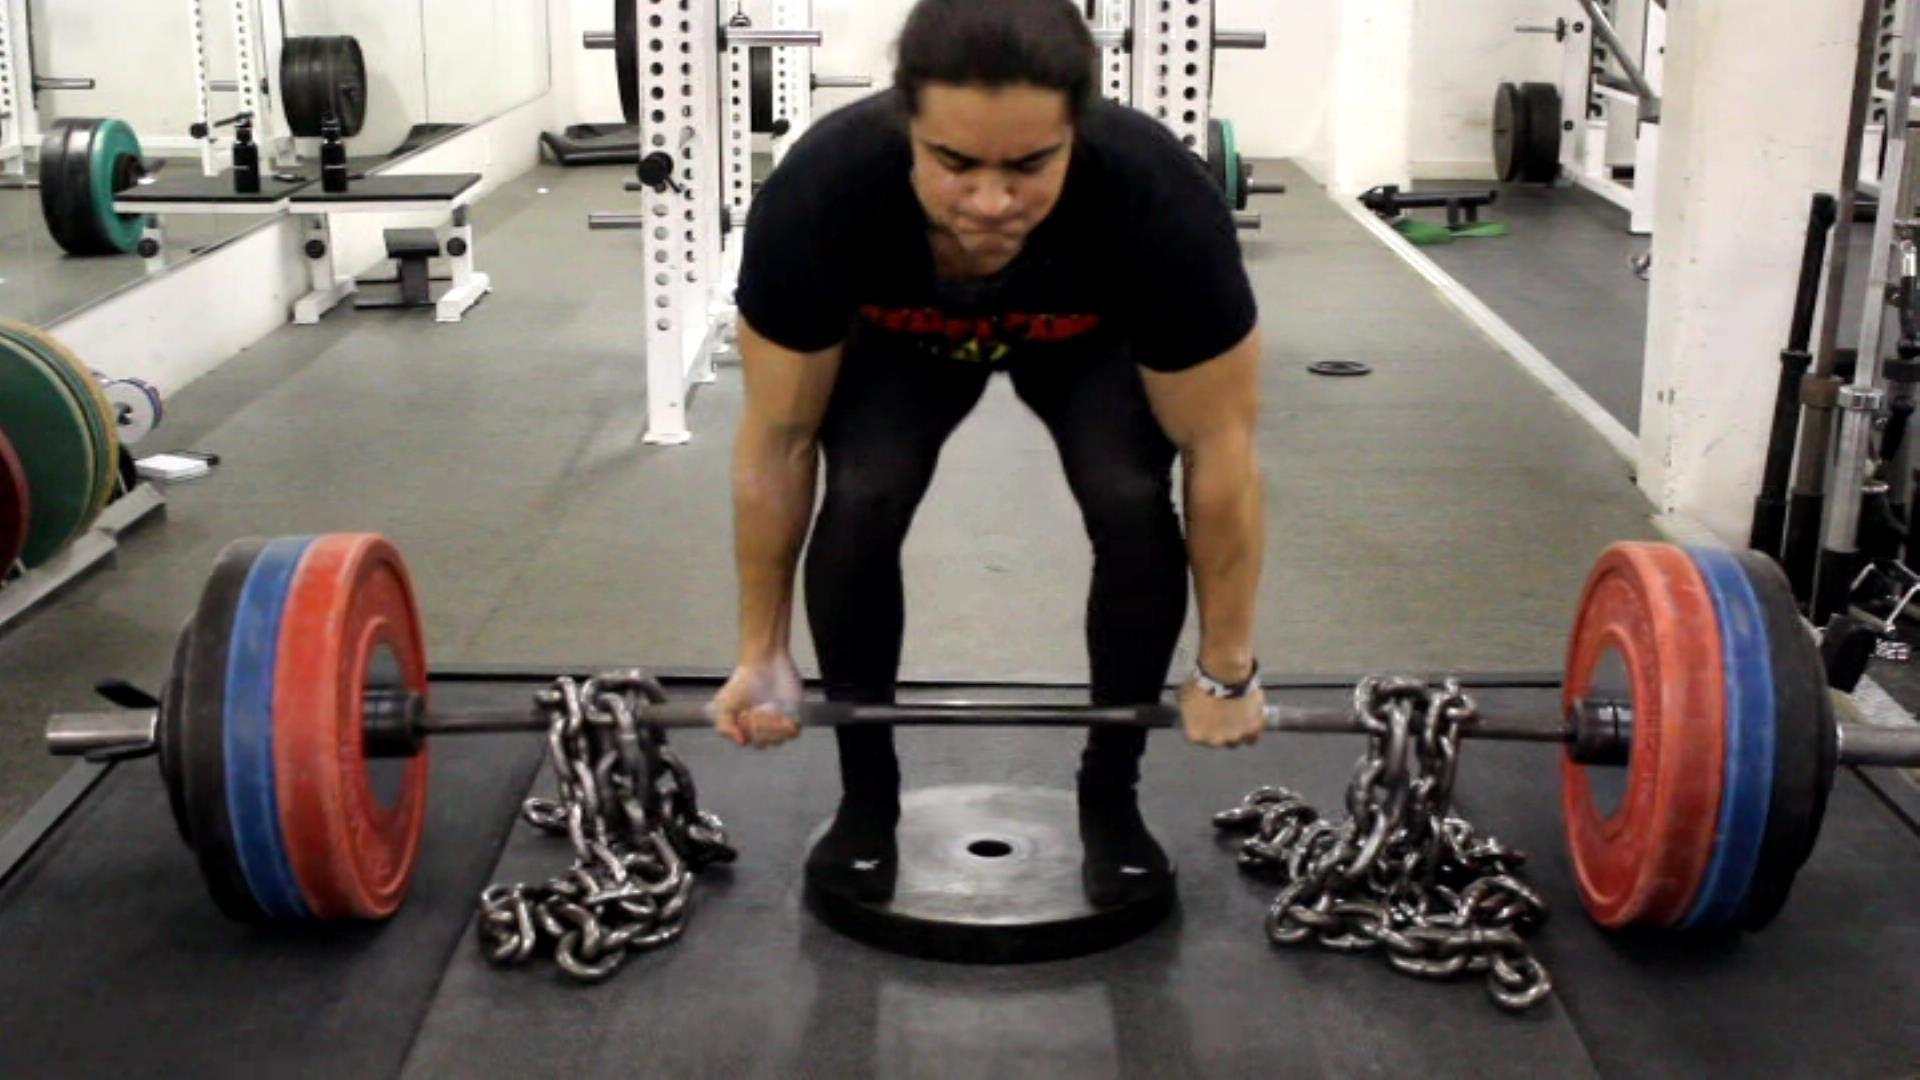 عکس برنامه تمرینی چربی سوزی و تفکیک عضلات تا تابستان